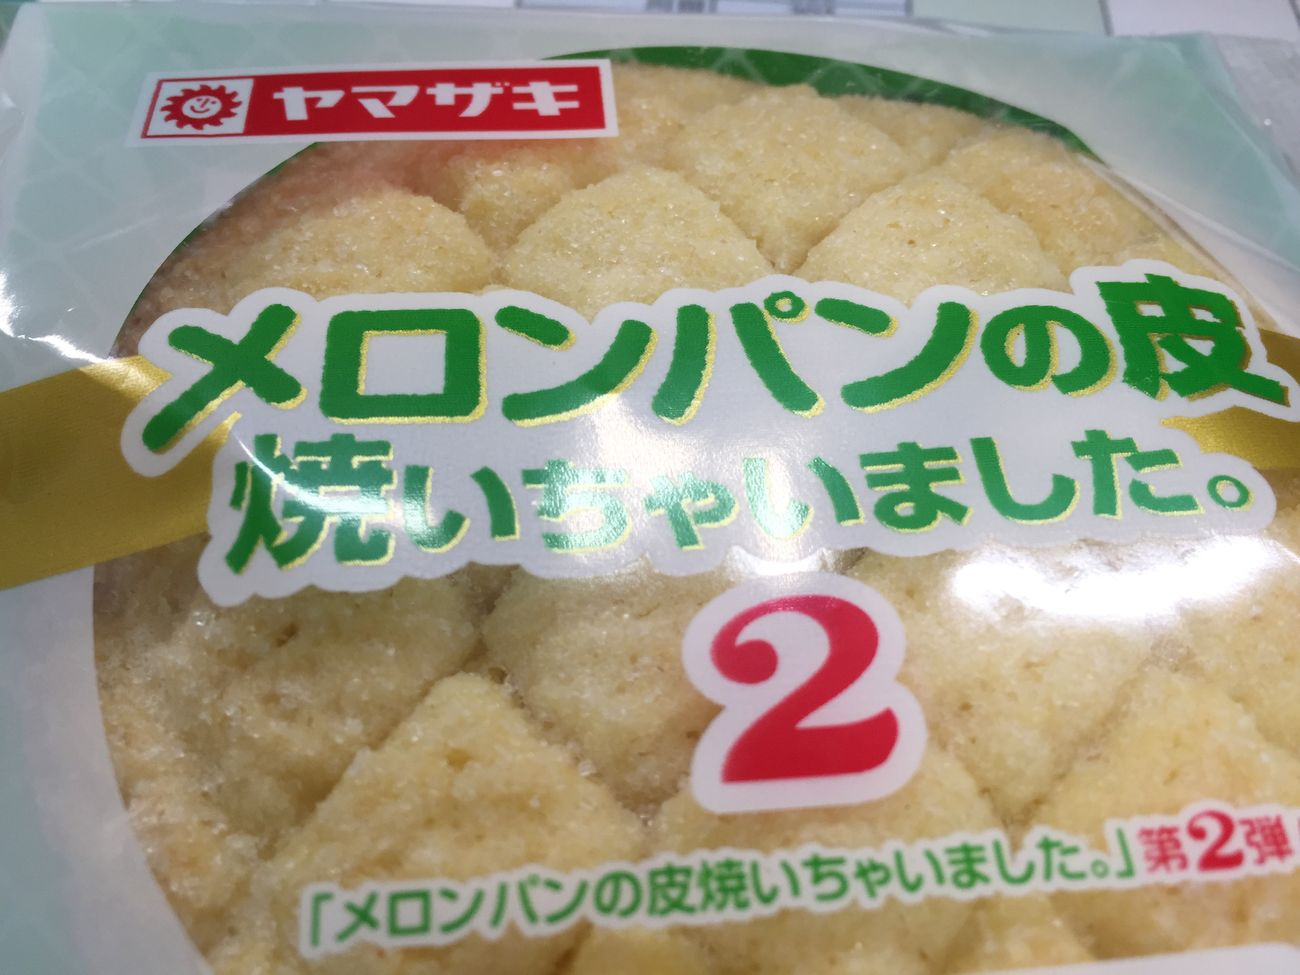 メロンパンの皮 焼いちゃいました 第二弾 さすが山崎パン!あの中のふかふかも好きですが、メロンパンの外側の1番上だけで売るなんて…。 メロンパン